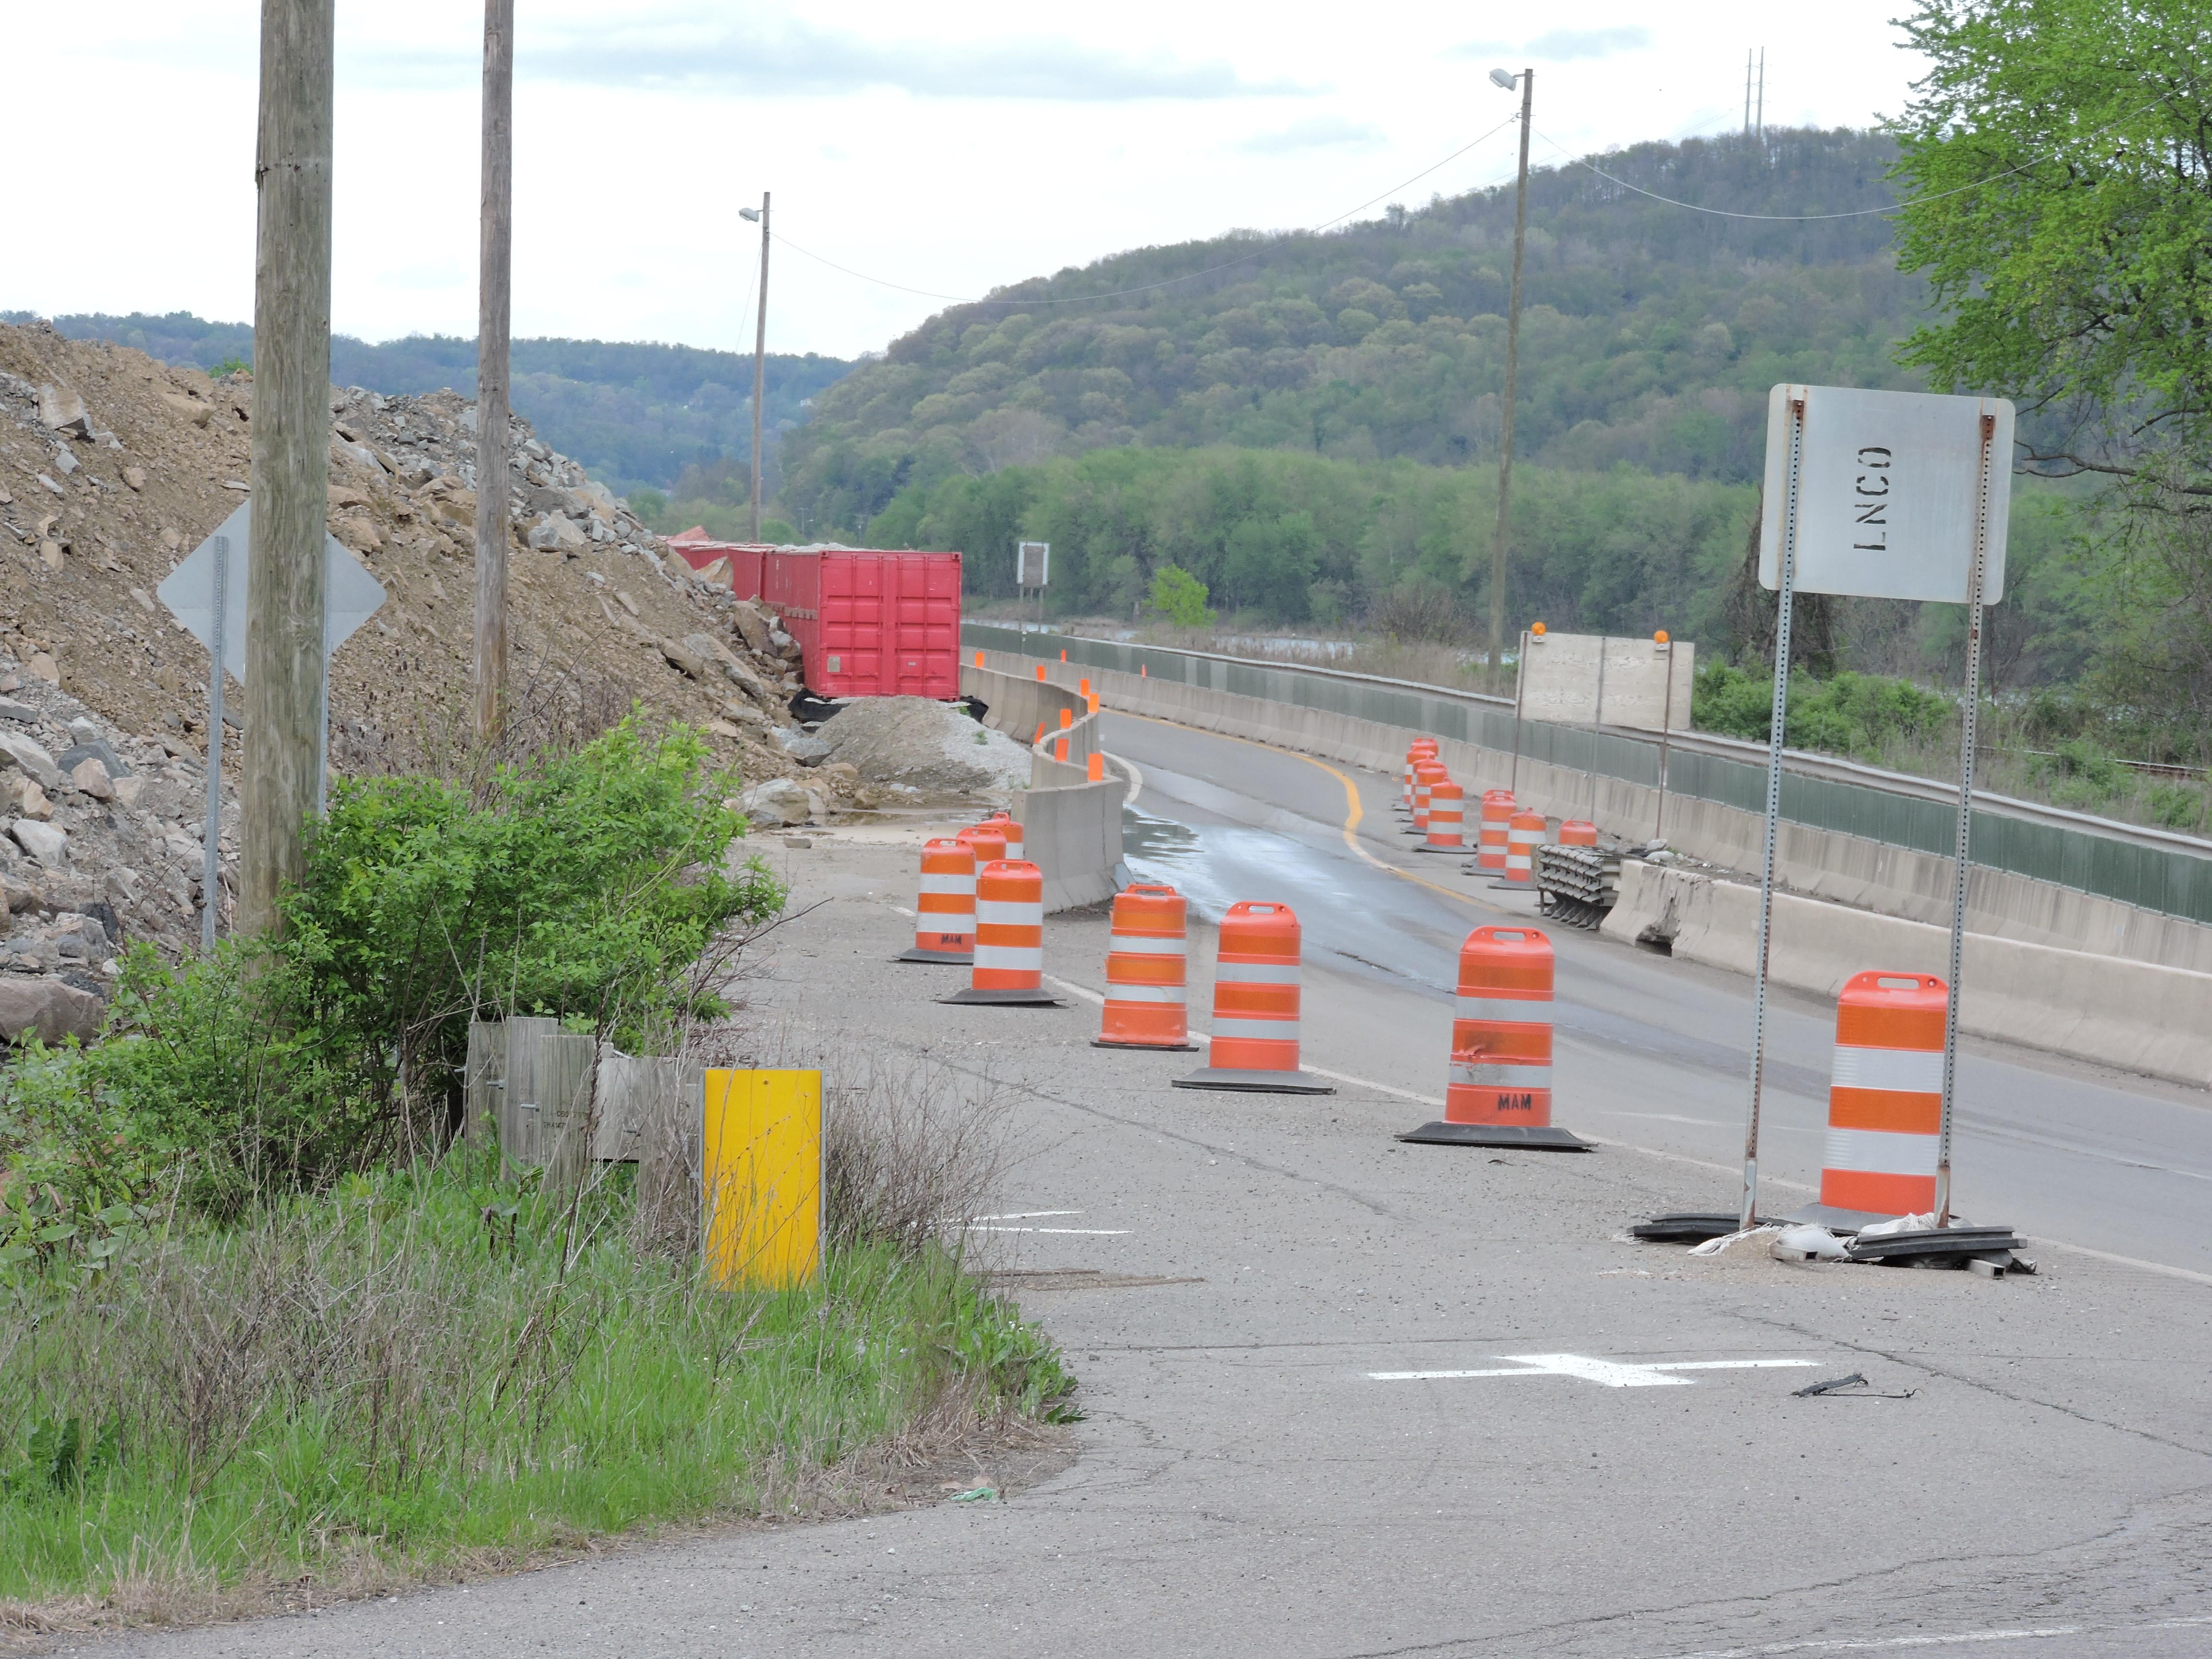 3,000+ Trucking jobs in Toledo, Ohio Area